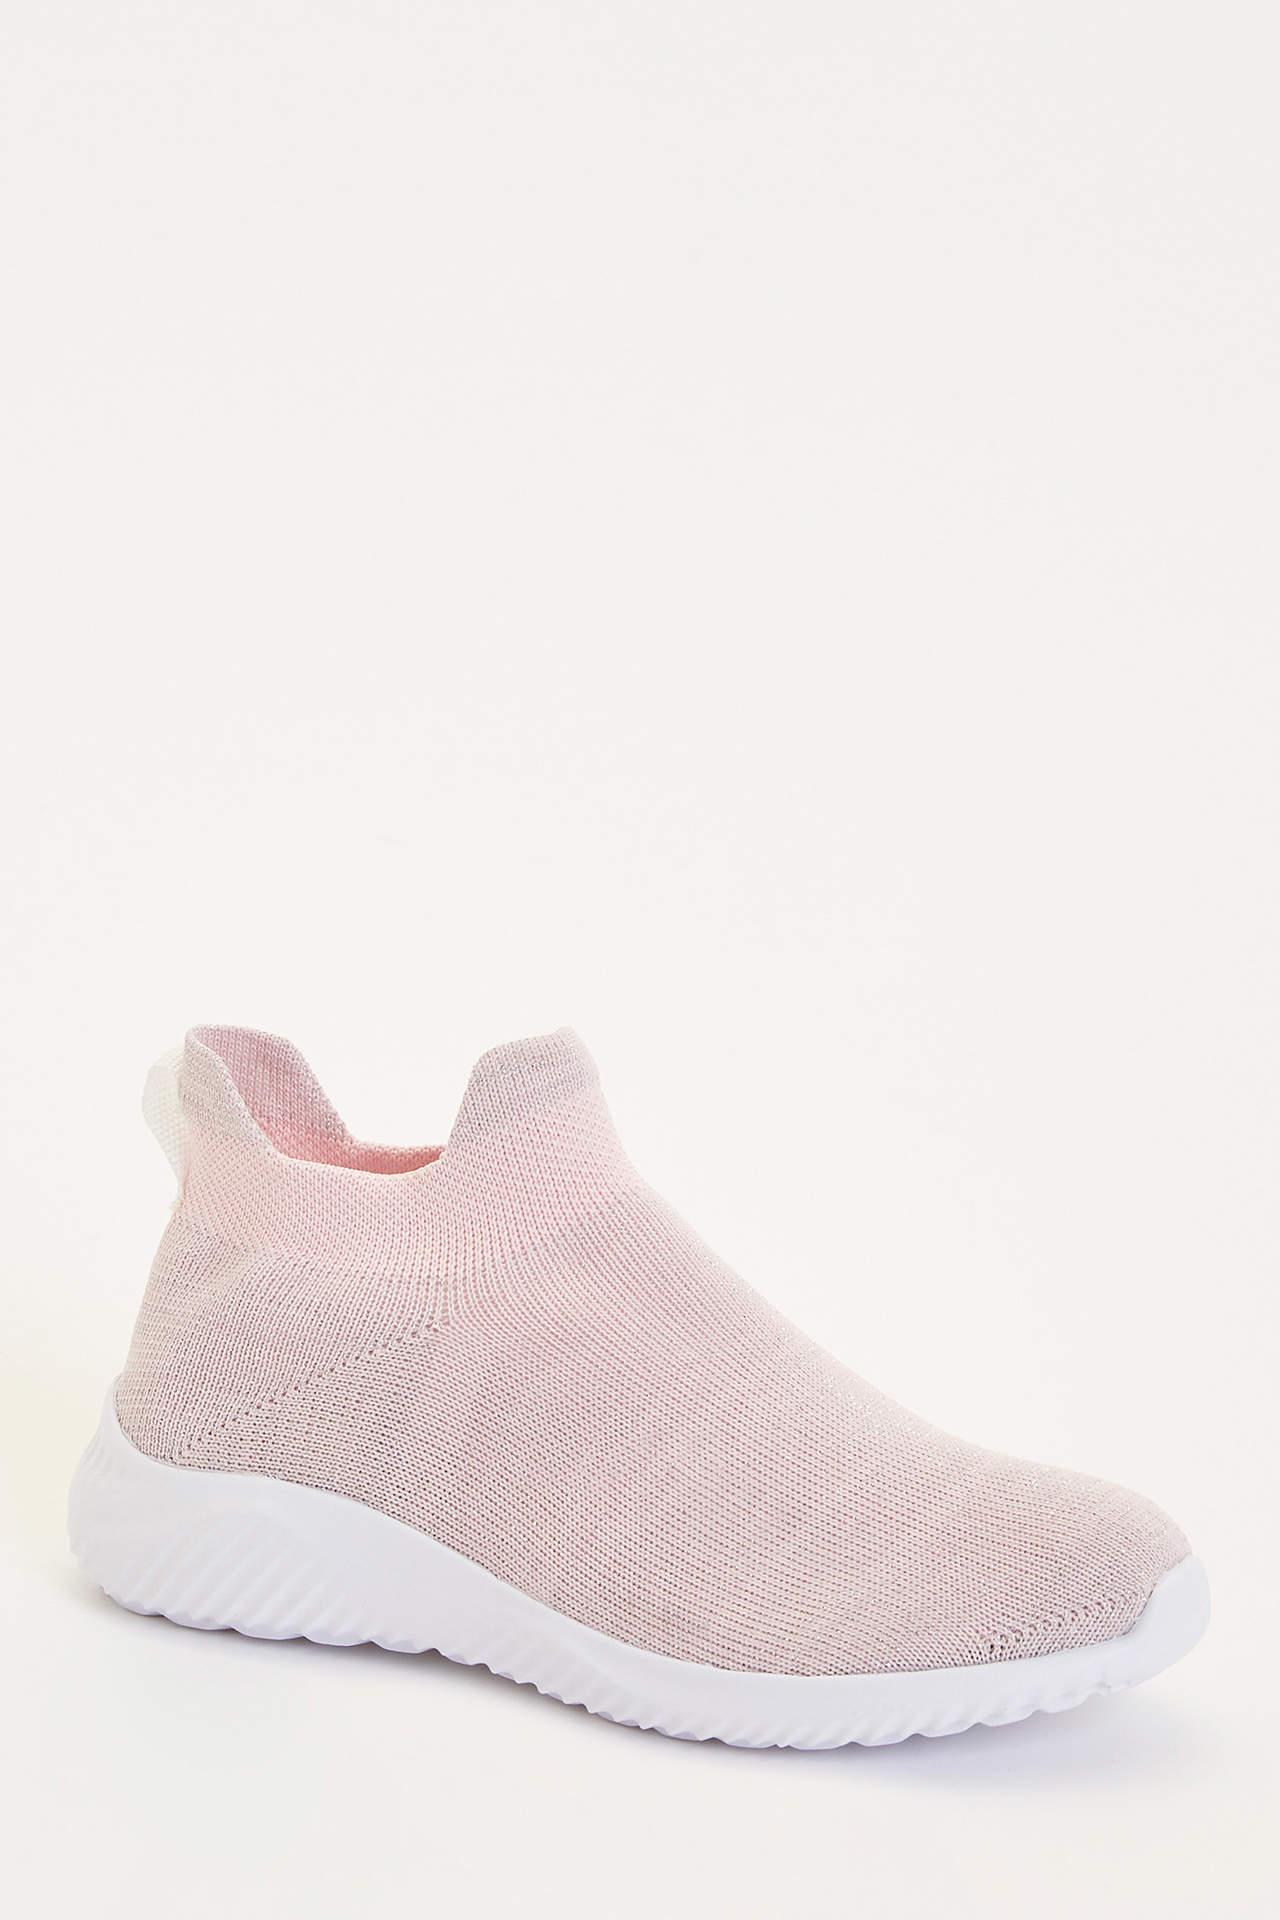 DeFacto Kız Çocuk Çorap Model Spor Ayakkabı Pembe female